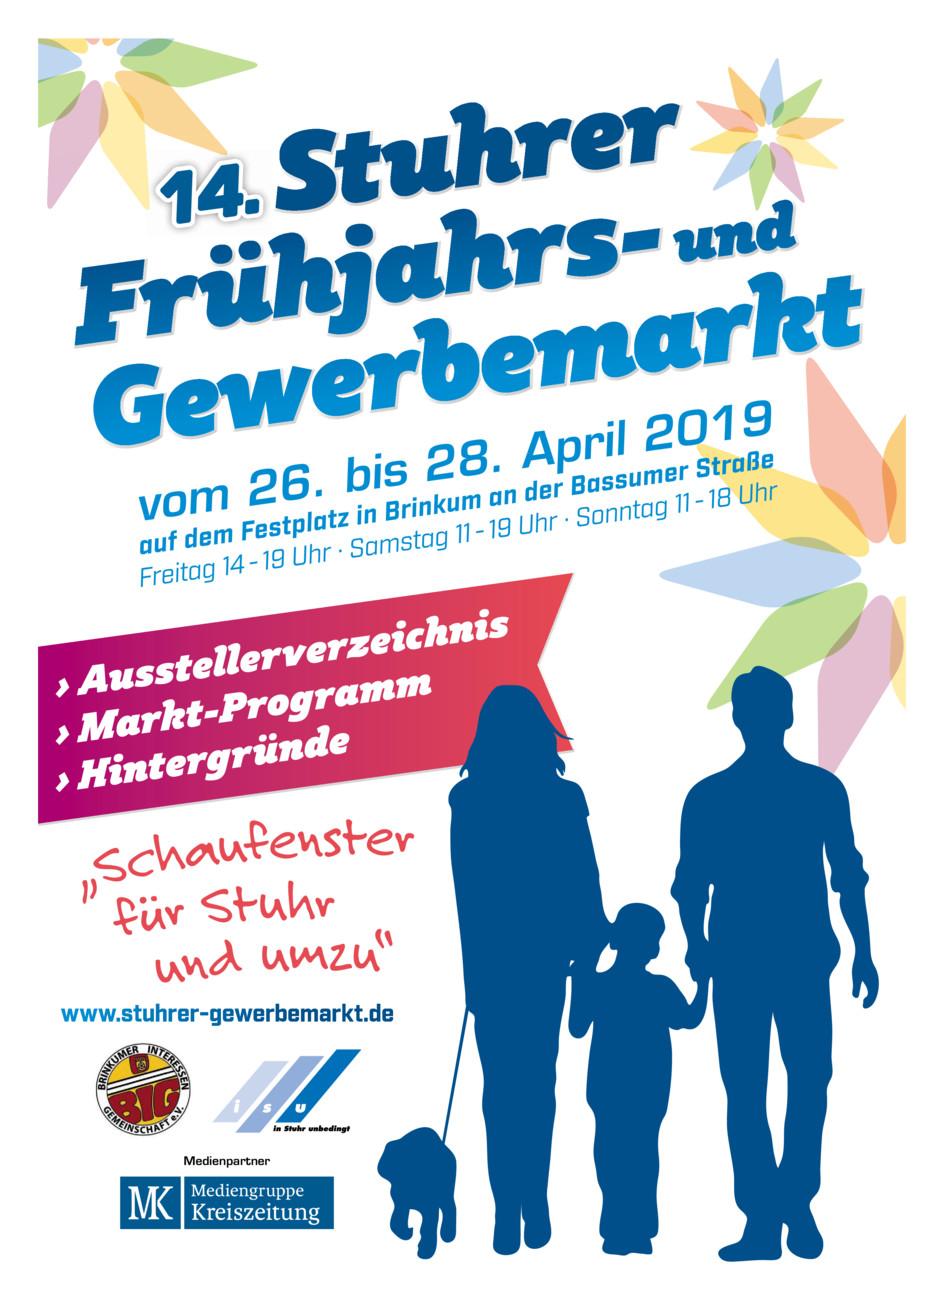 Stuhrer Frühjahrs- und Gewerbemarkt vom Mittwoch, 24.04.2019